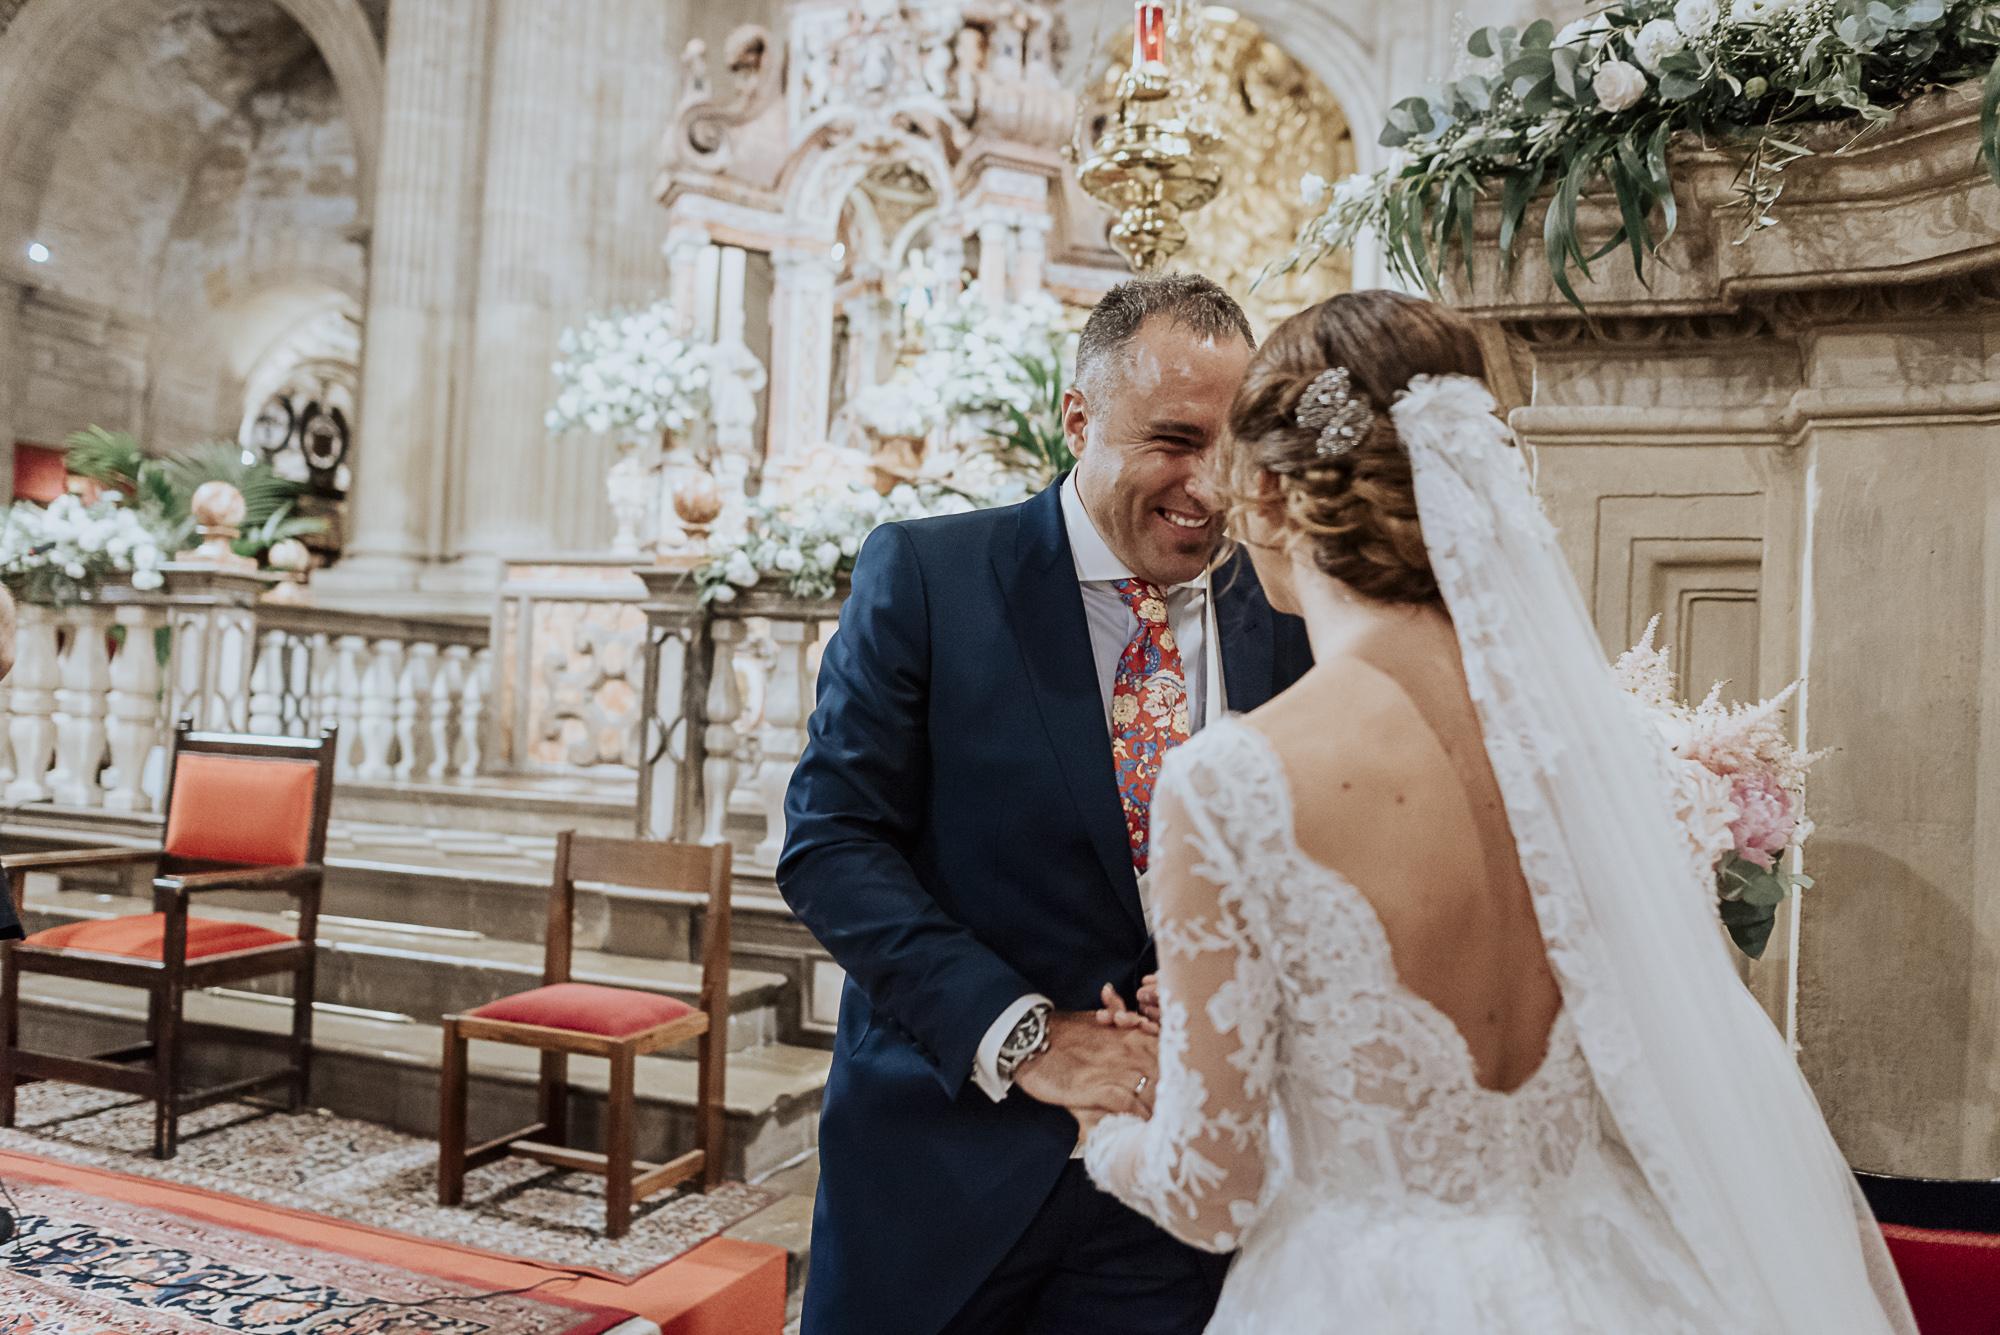 garatefotografia-fotografo-de-boda-en-Granada (92)